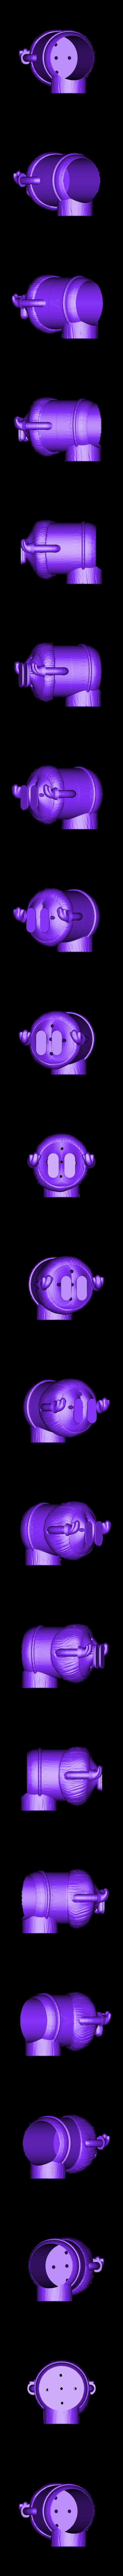 Minion_planter.stl Télécharger fichier STL gratuit Pot en forme de Minion Préhistorique • Objet pour imprimante 3D, yoyo-31